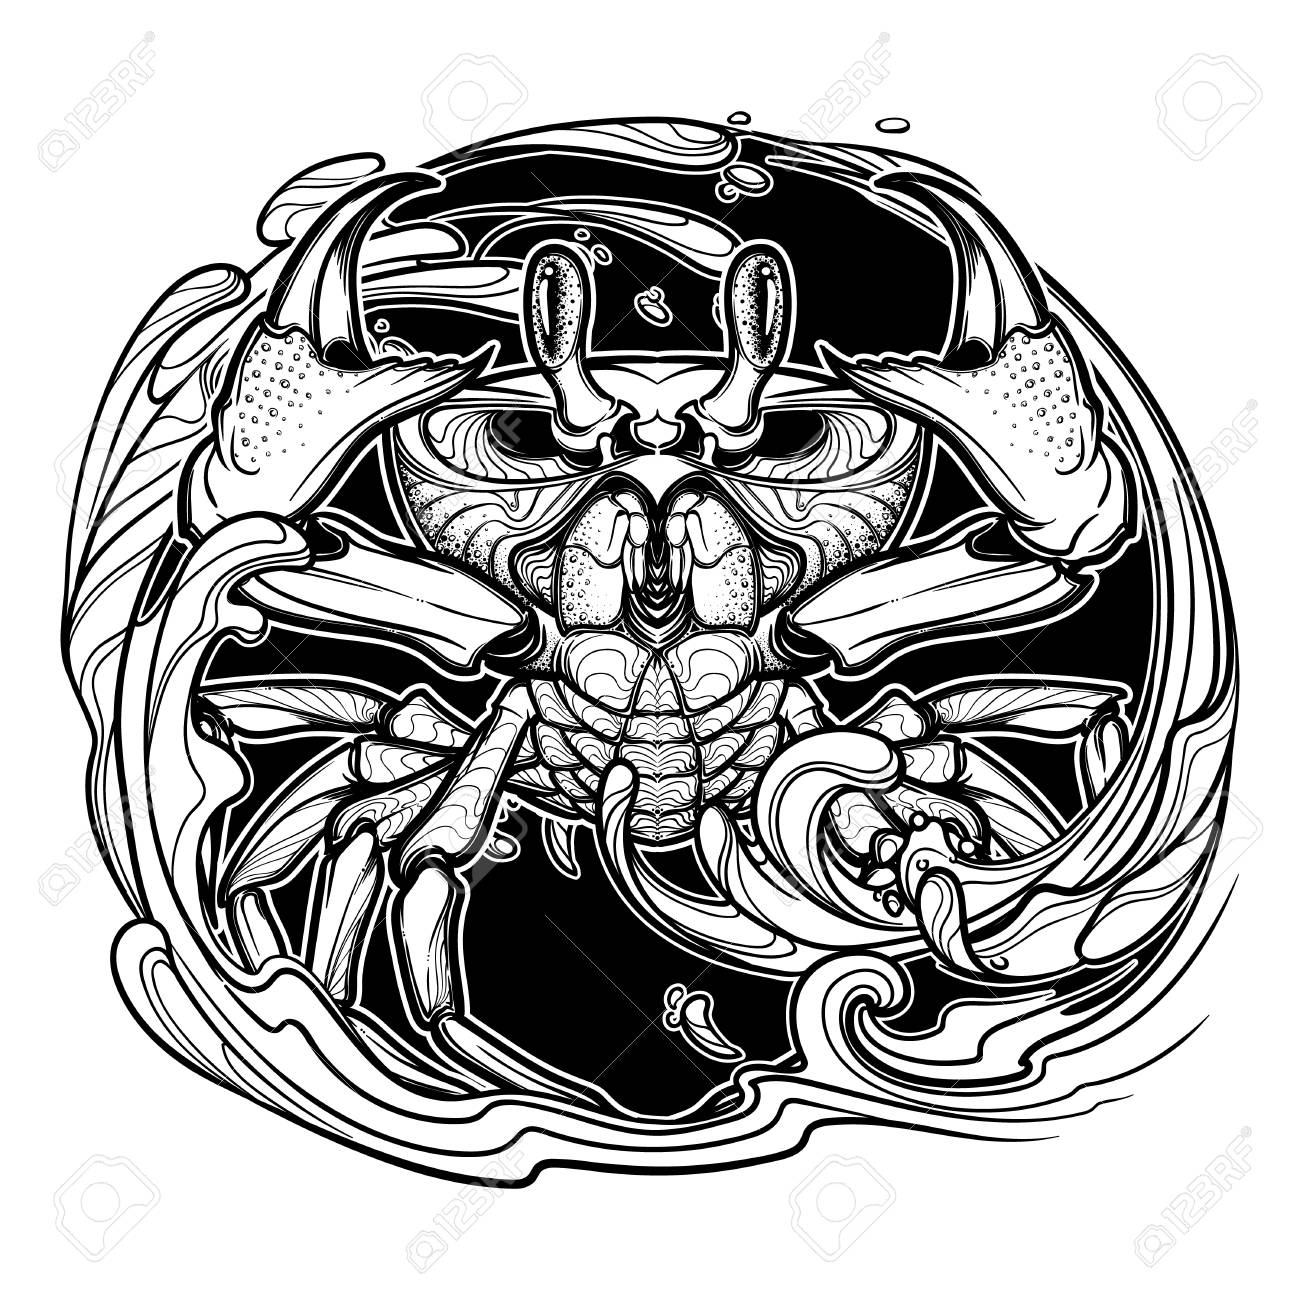 1300x1300 Alchemy Element Of Water. Zodiac Sign